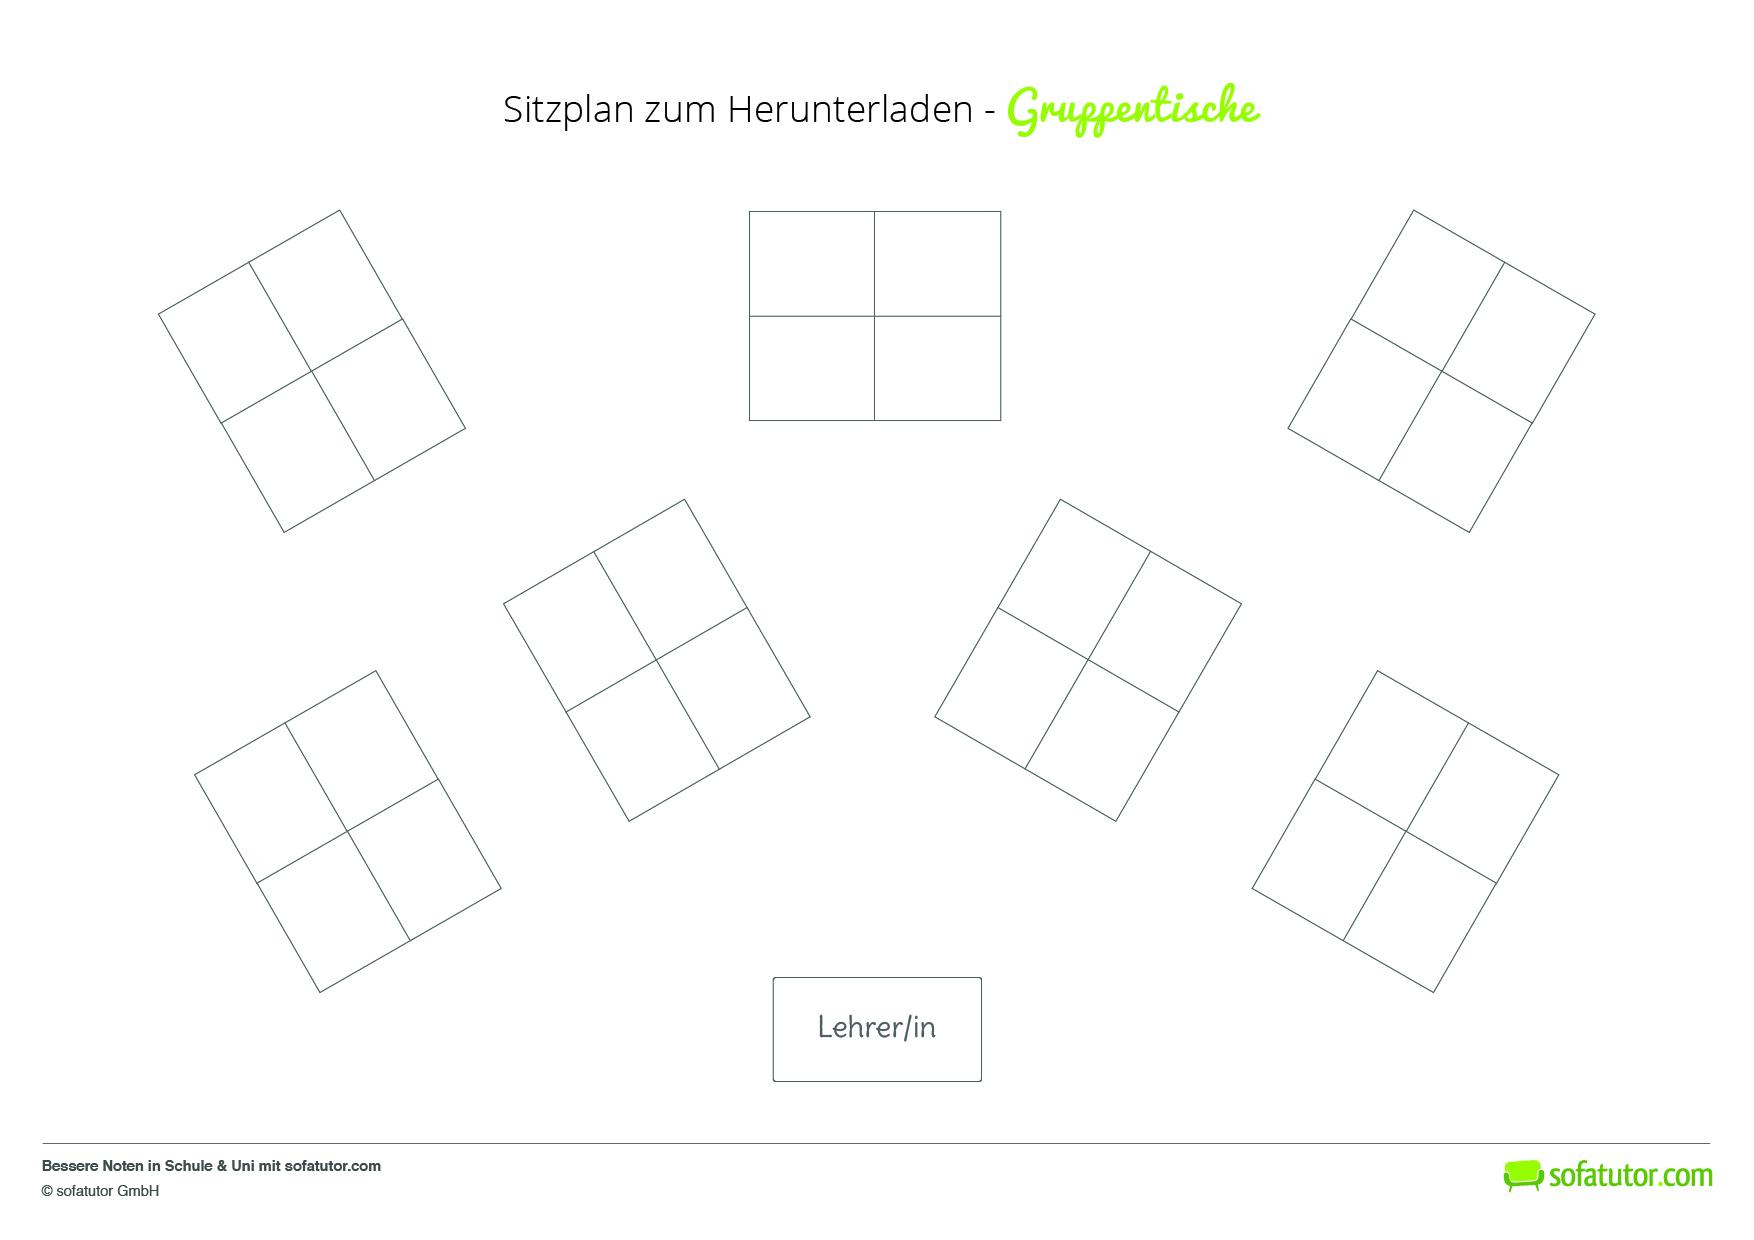 Wunderbar Rezeption Sitzplan Vorlage Galerie - Beispiel Business ...